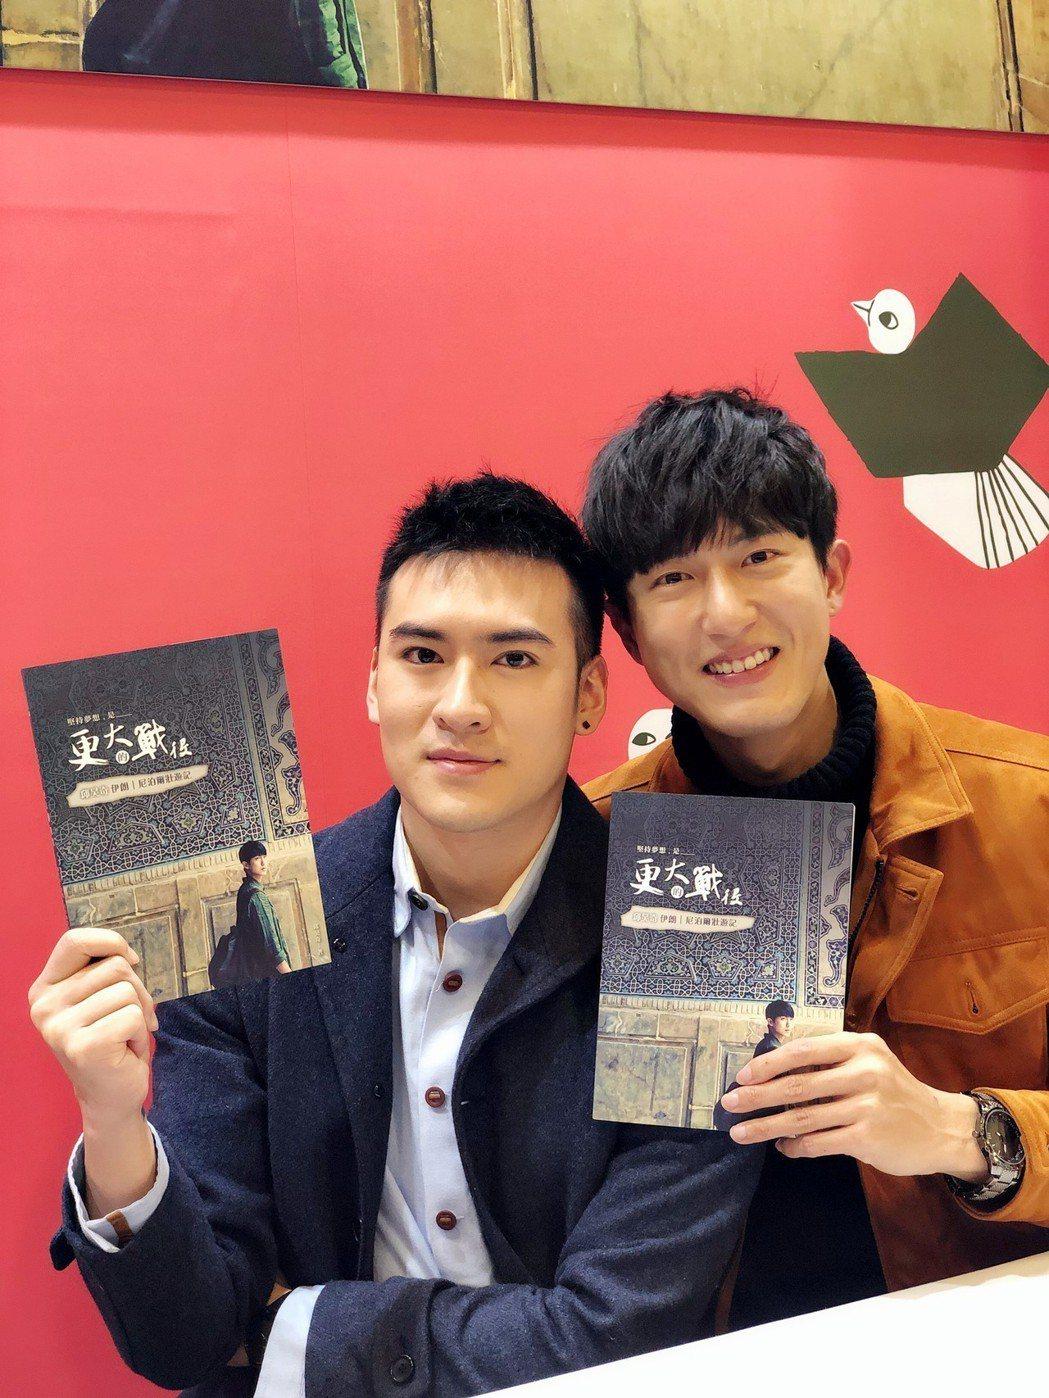 邱昊奇出書,沈建宏(左)特地前往站台  圖/達騰娛樂提供